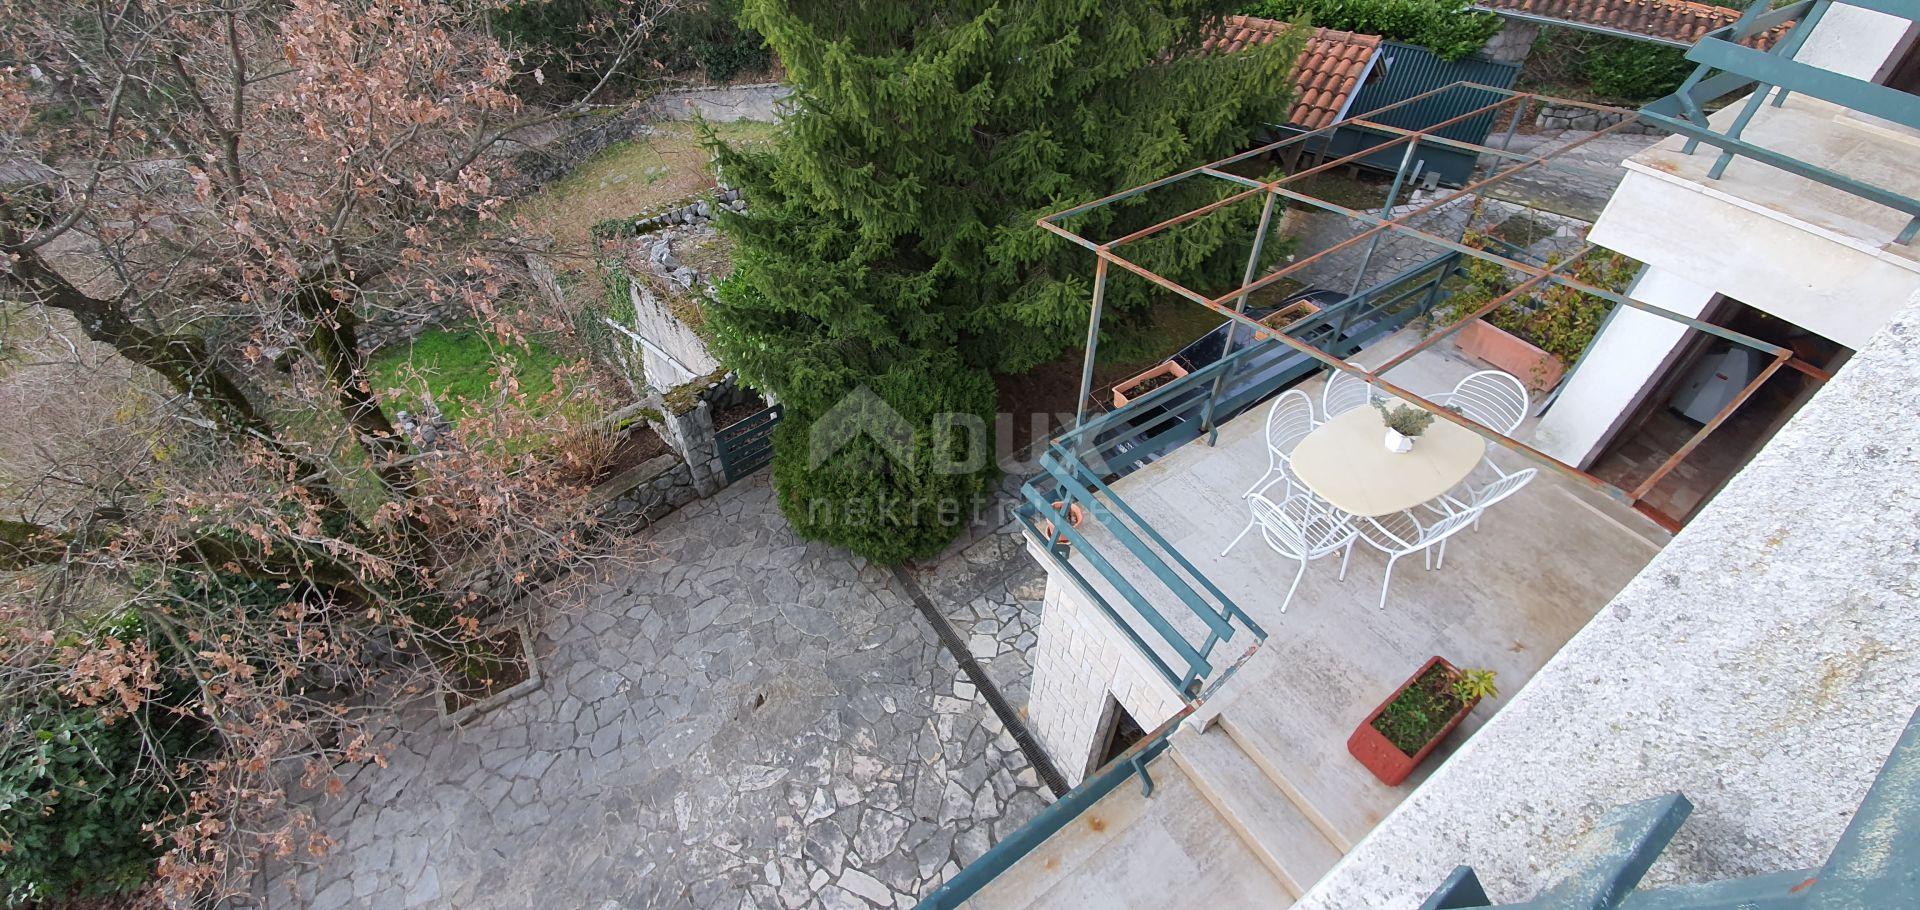 House Veprinac, Opatija - Okolica, 250m2